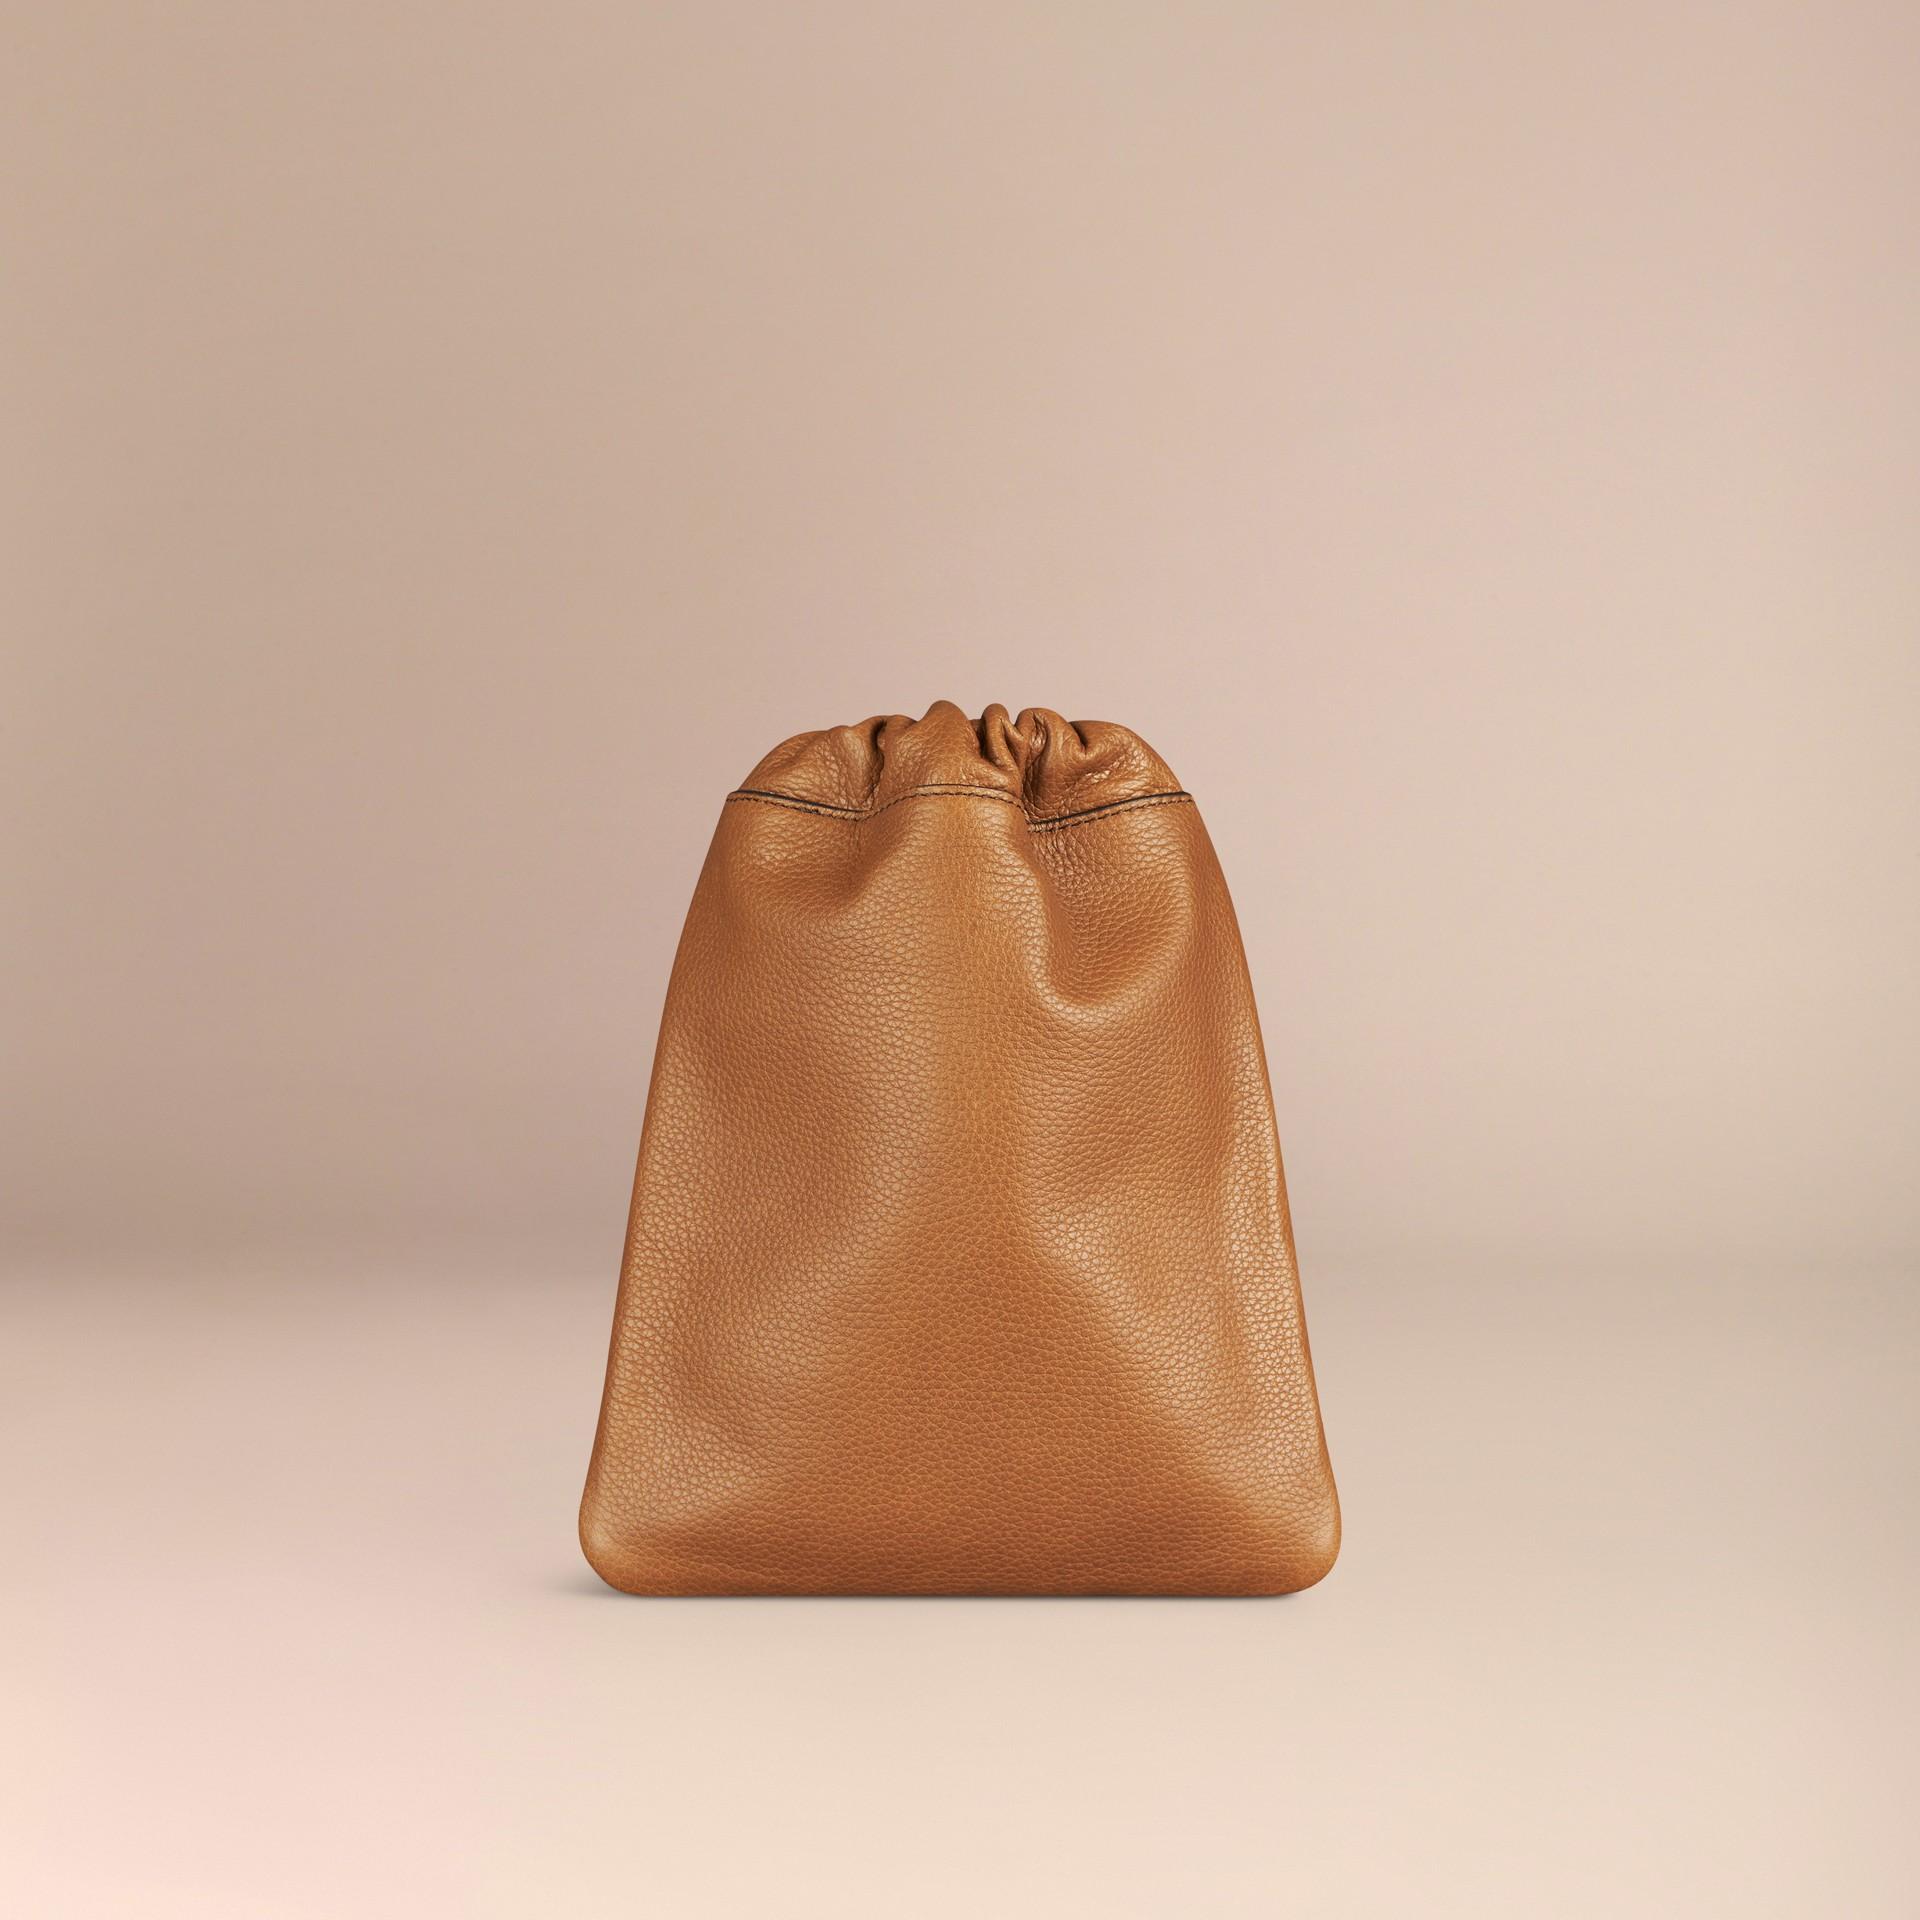 Marroncino Pochette in pelle a grana con coulisse Marroncino - immagine della galleria 4